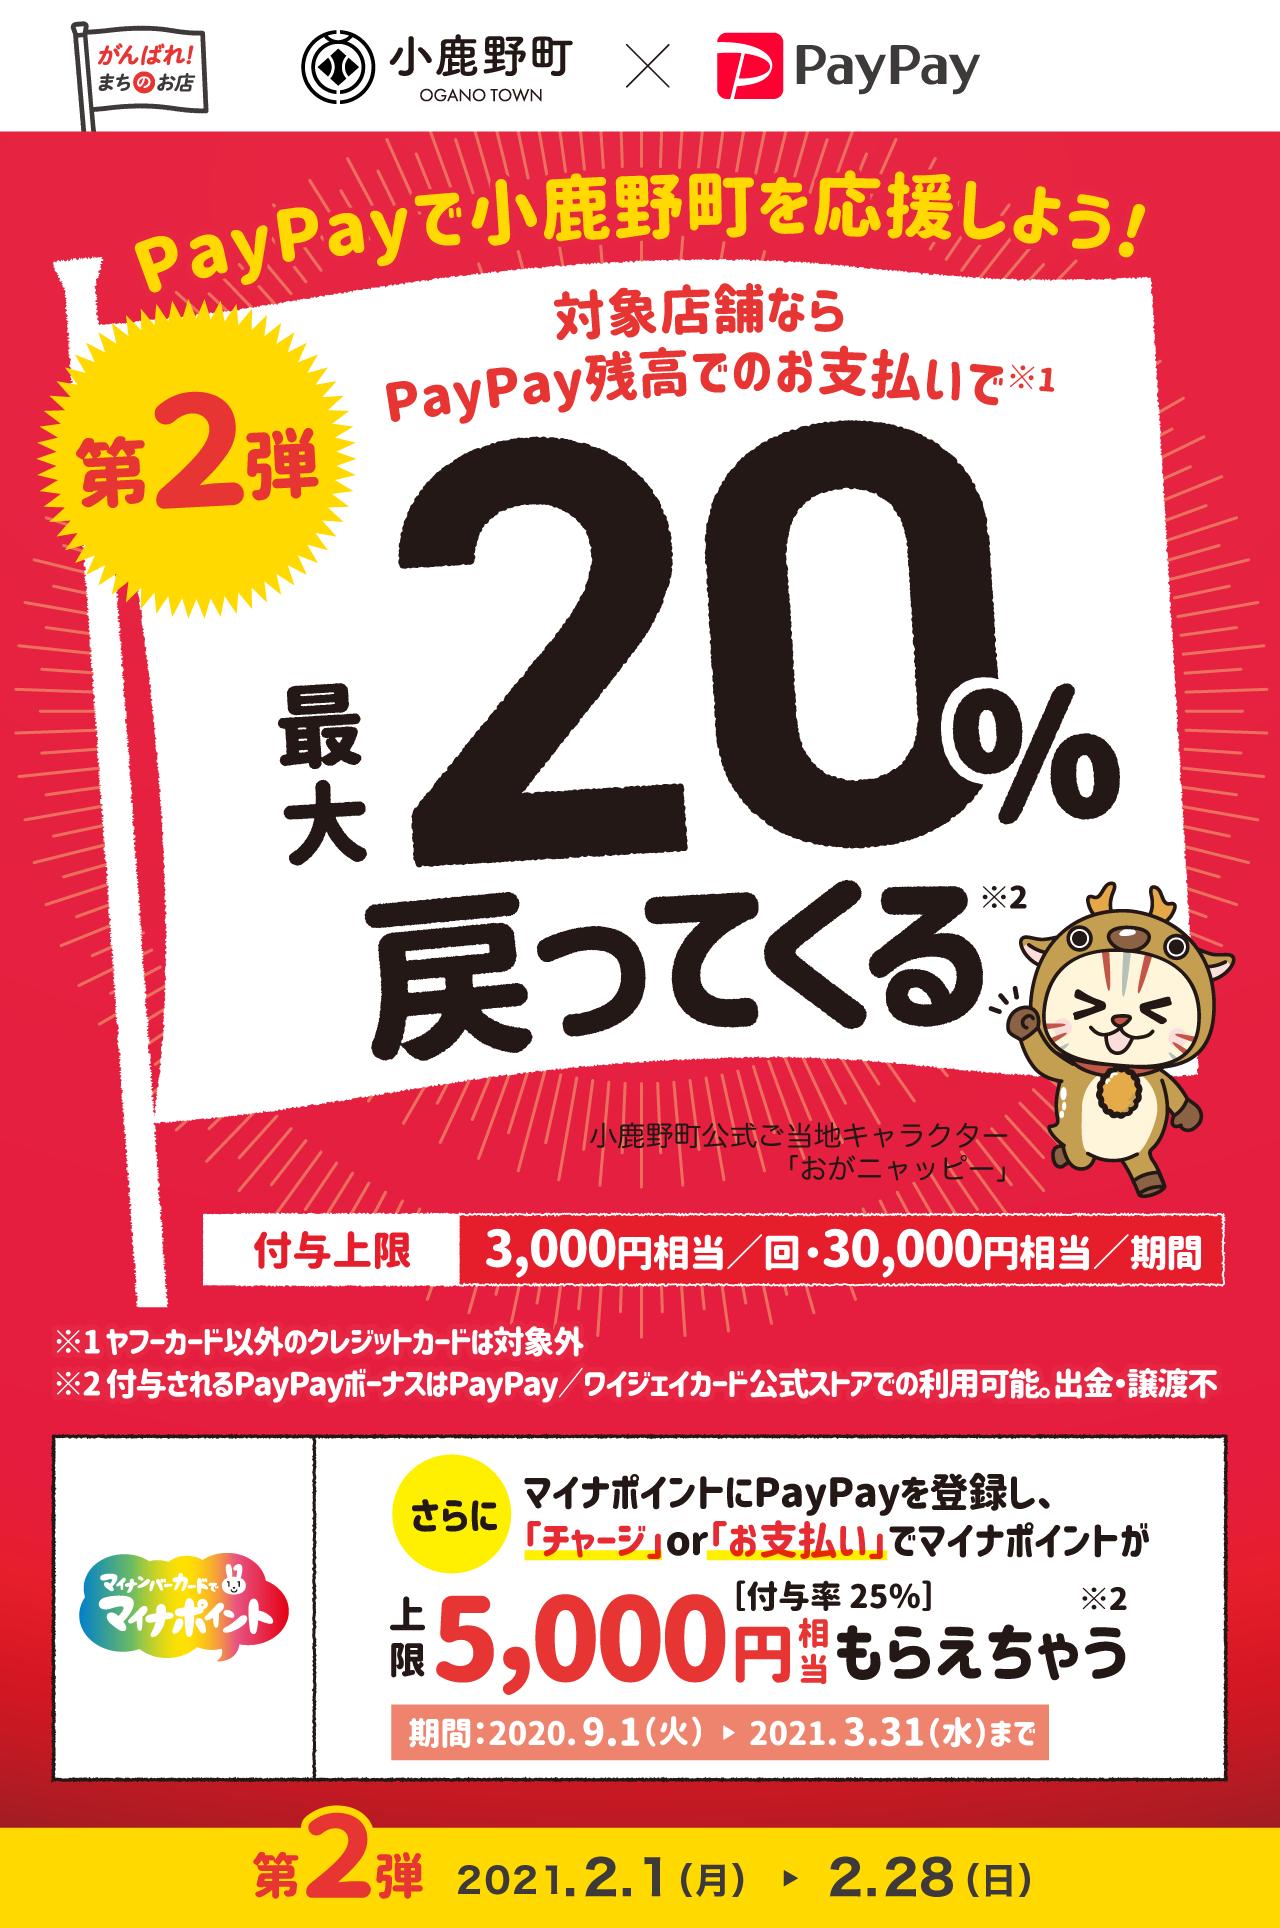 PayPayで小鹿野町を応援しよう! 第2弾 対象店舗ならPayPay残高でのお支払いで 最大20%戻ってくる